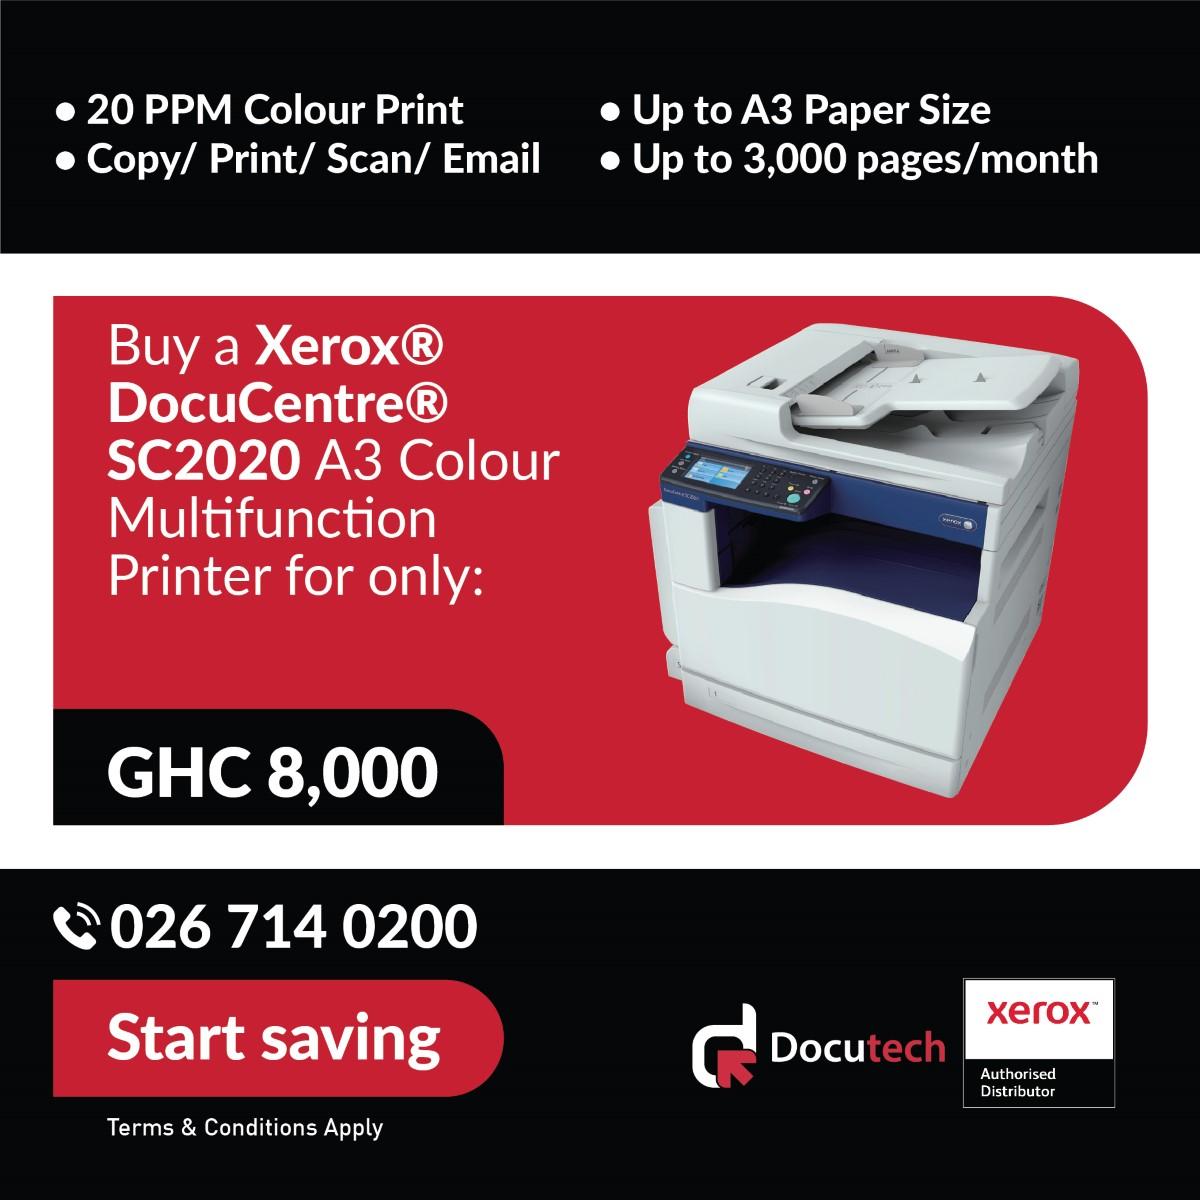 Xerox April 2021 Promo-01